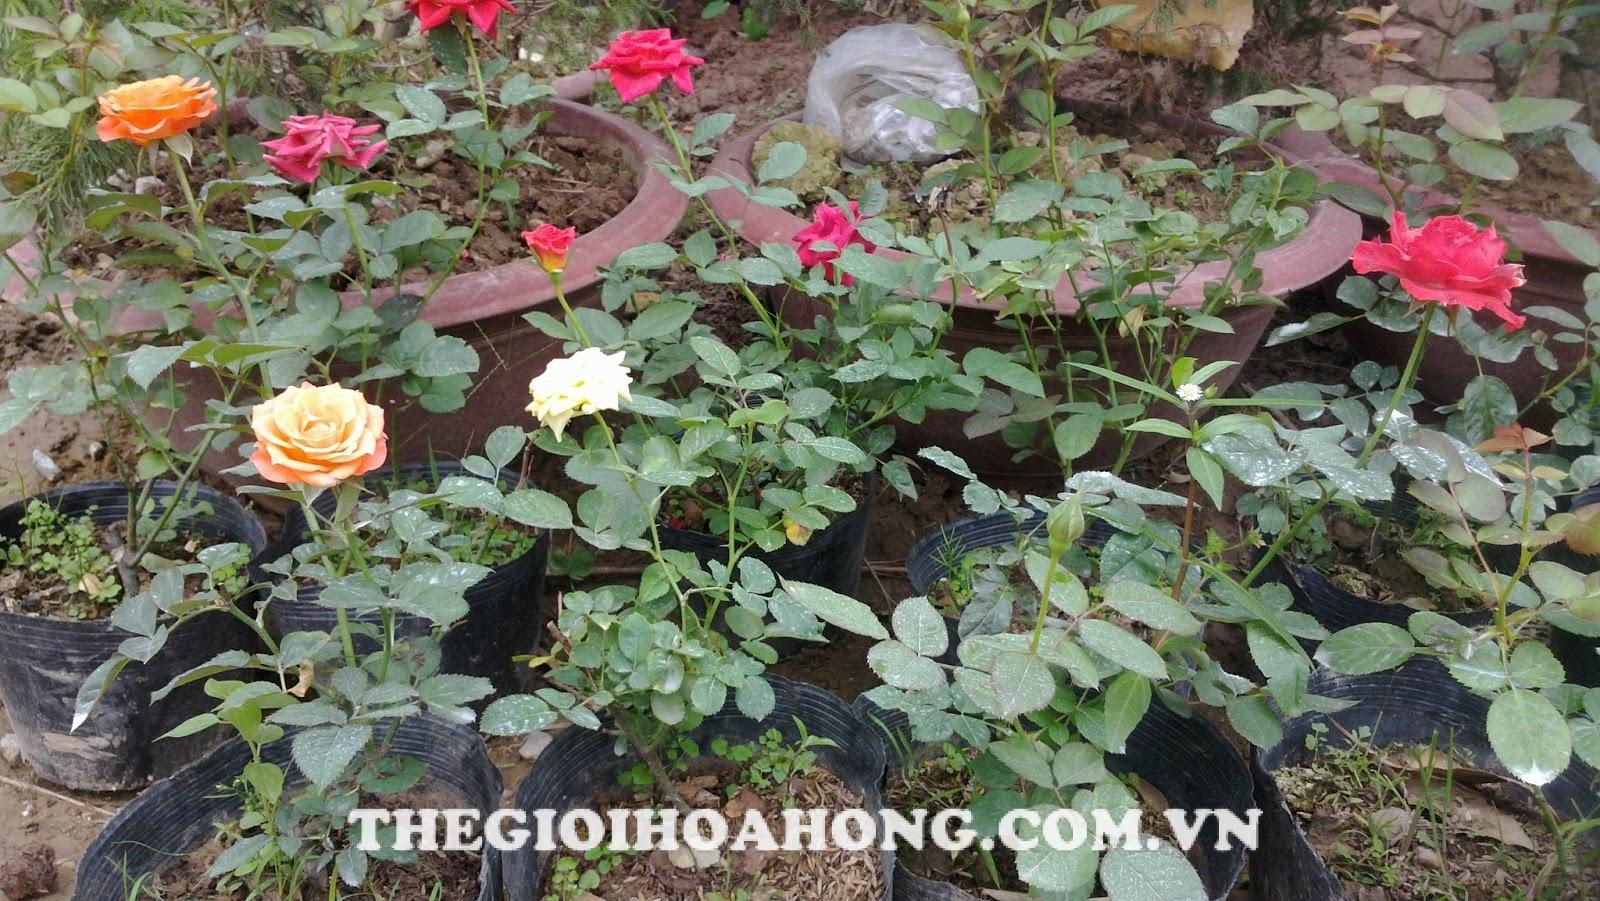 Chăm sóc cây hồng sau khi cắt tỉa